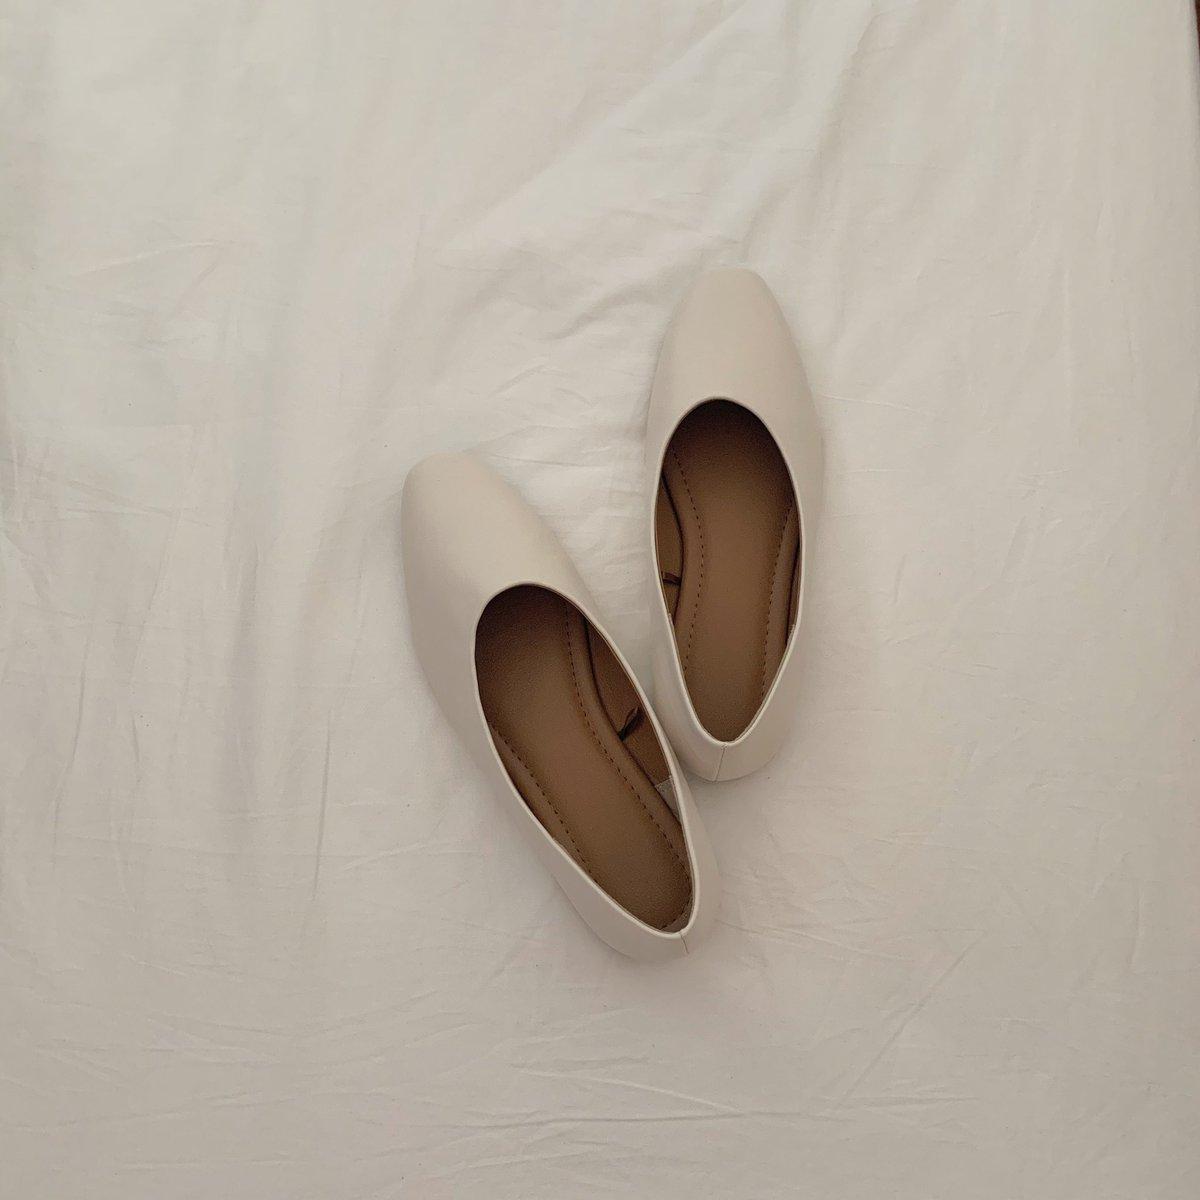 GUのVカットシフォンフラットシューズ大正解。GUの靴は可愛いのにすぐ脱げちゃう印象があったんだけど、ちゃんとフィットしてくれるし韓国っぽくて好き。